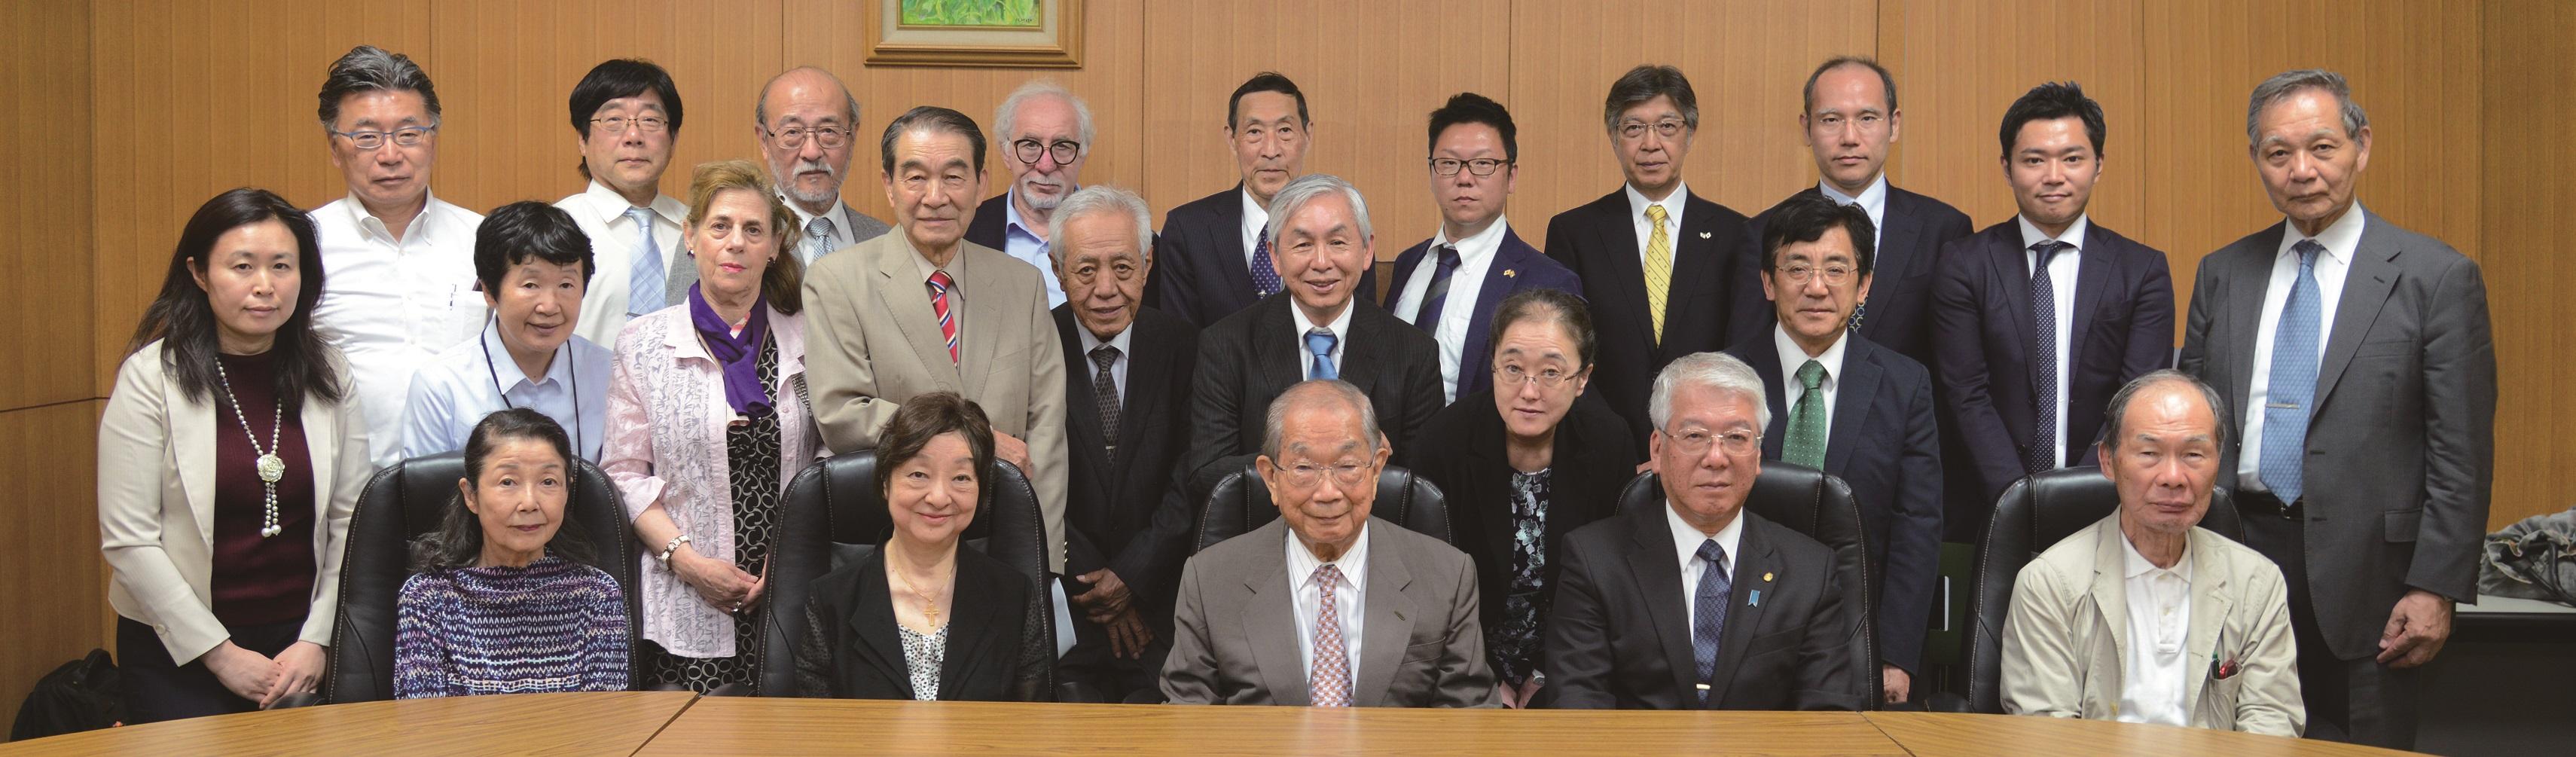 日本イスラエル親善協会 理事集合写真